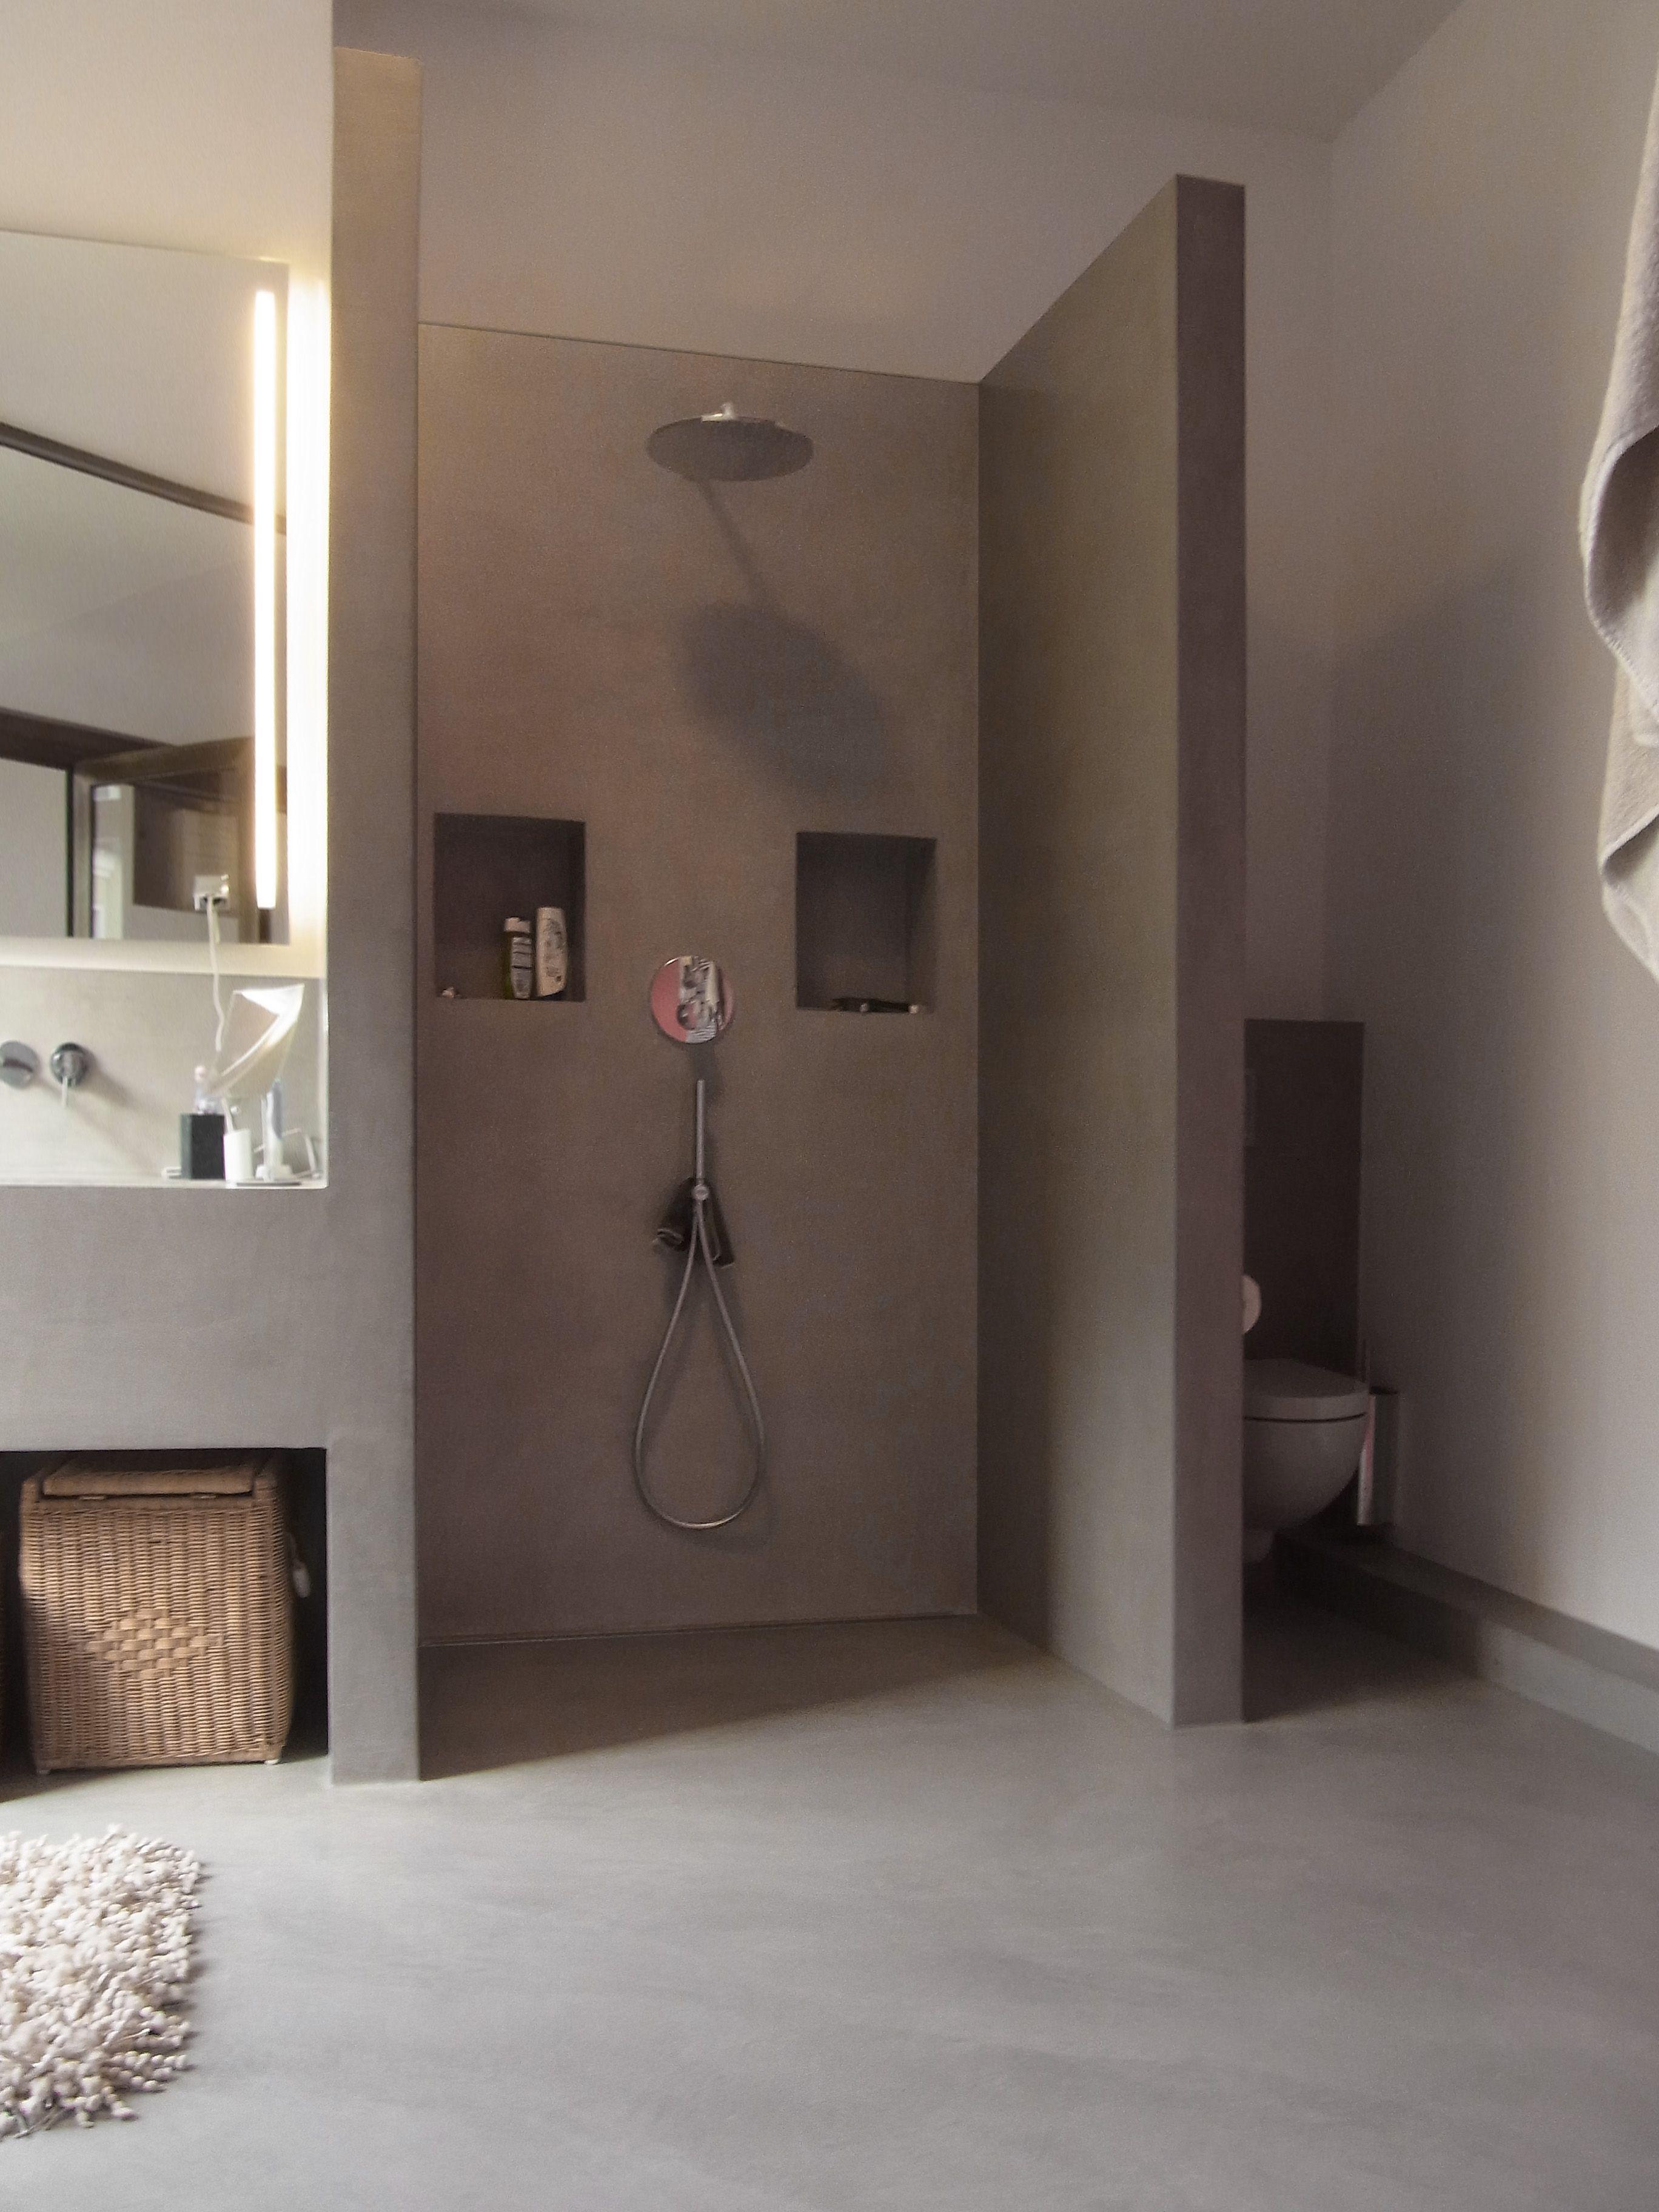 Kleines hotelbadezimmerdesign master bathroom  kitchen upgrades  pinterest  master bathrooms